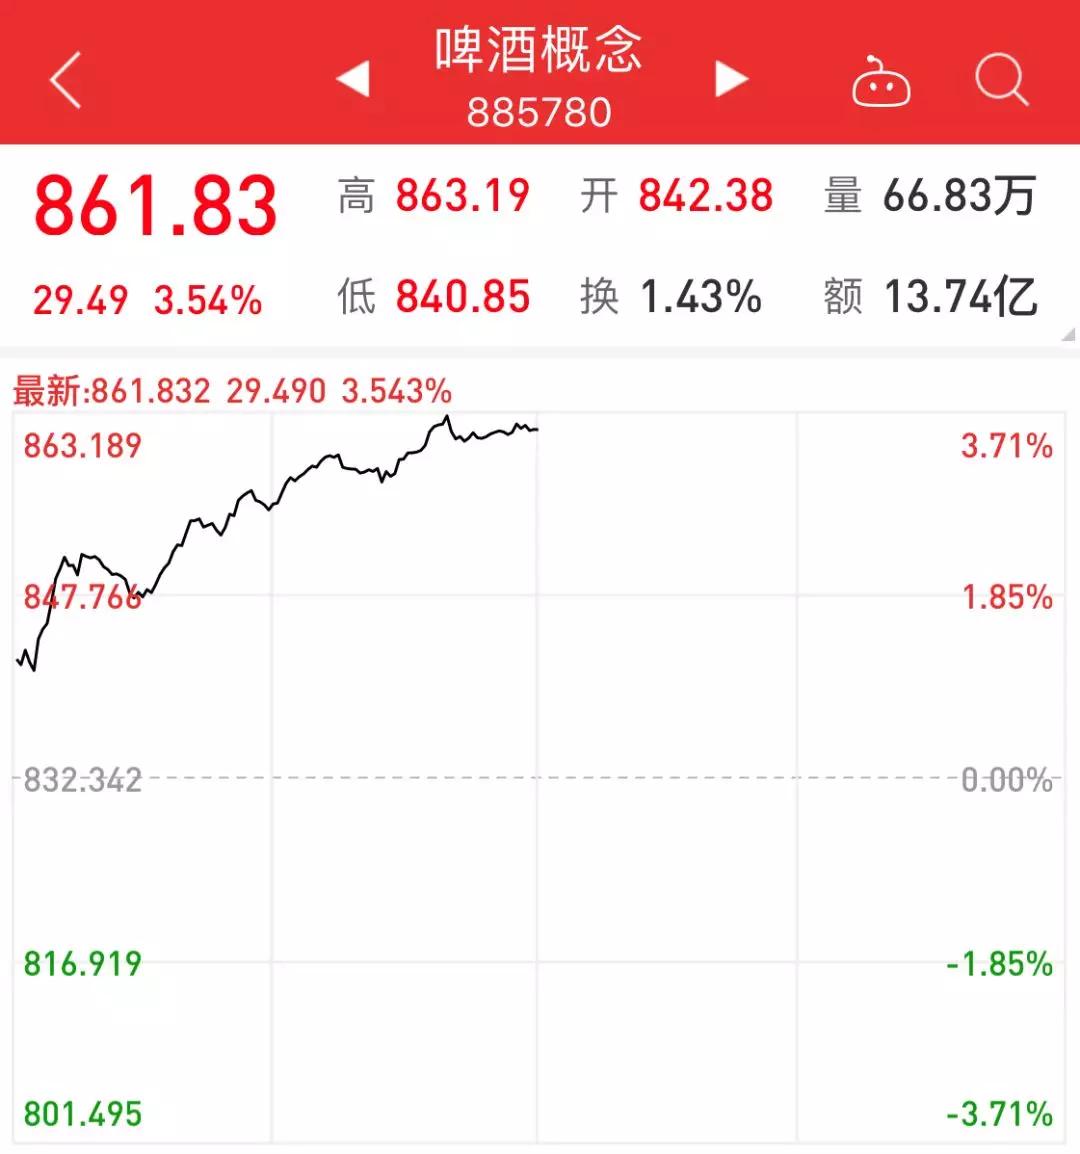 青岛啤酒和重庆啤酒,谁才是价值投资之王?